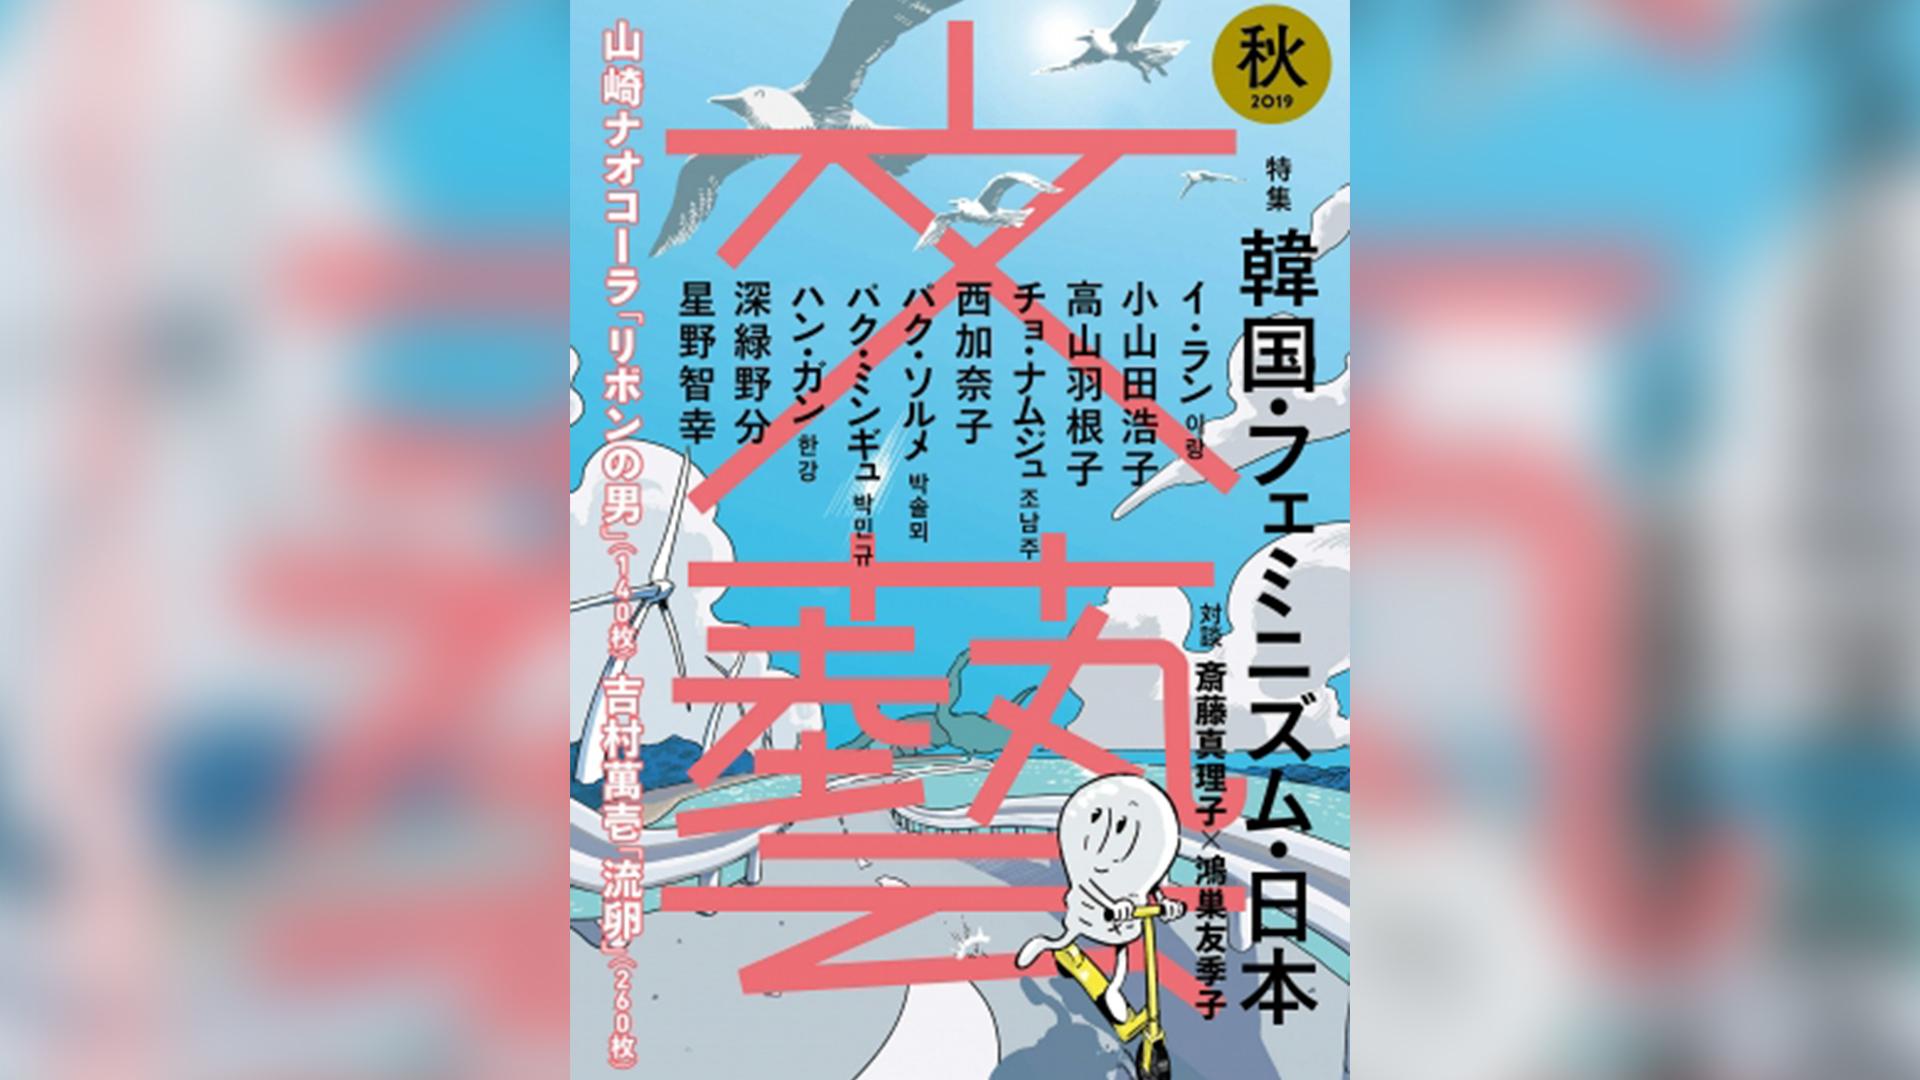 【「文藝」2019年秋季号 発売5日で異例の重版】他、新着トレンド7月11日